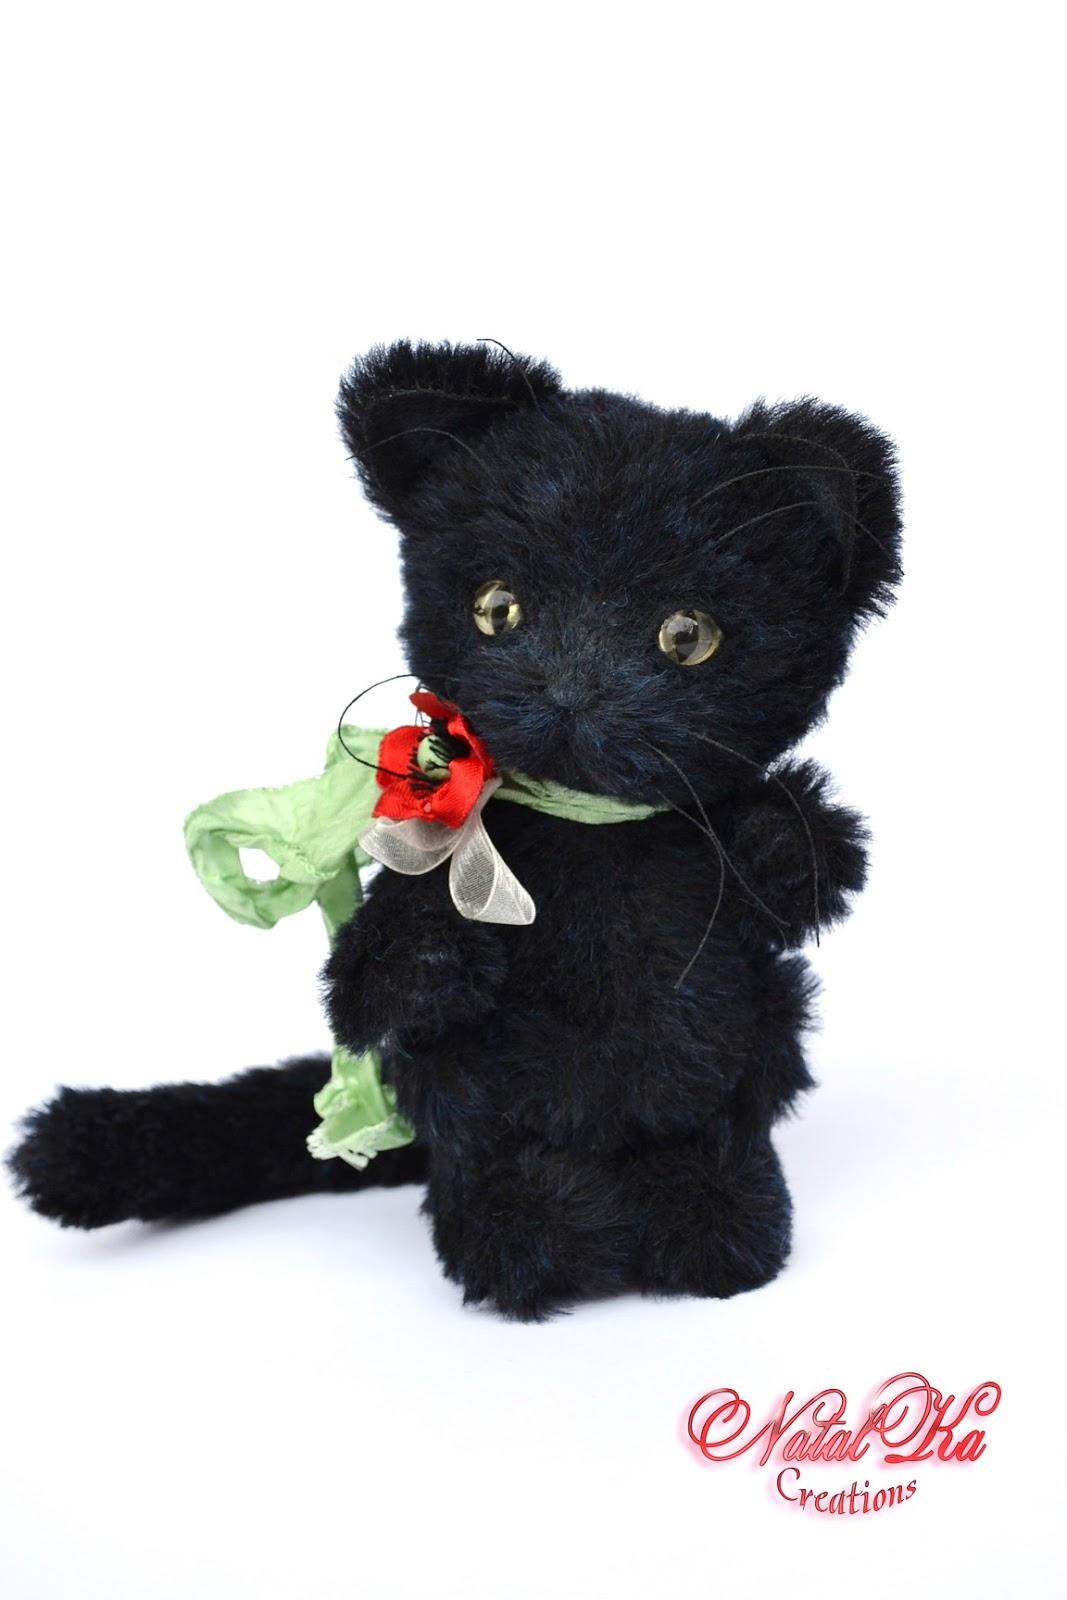 Artist teddy cat, artist kitty, teddies, jointed, ooak, handmade by NatalKa Creations. Künstlerkatze, Künstlerteddy, Teddy, Unikat, handgemacht von NatalKa Creations.